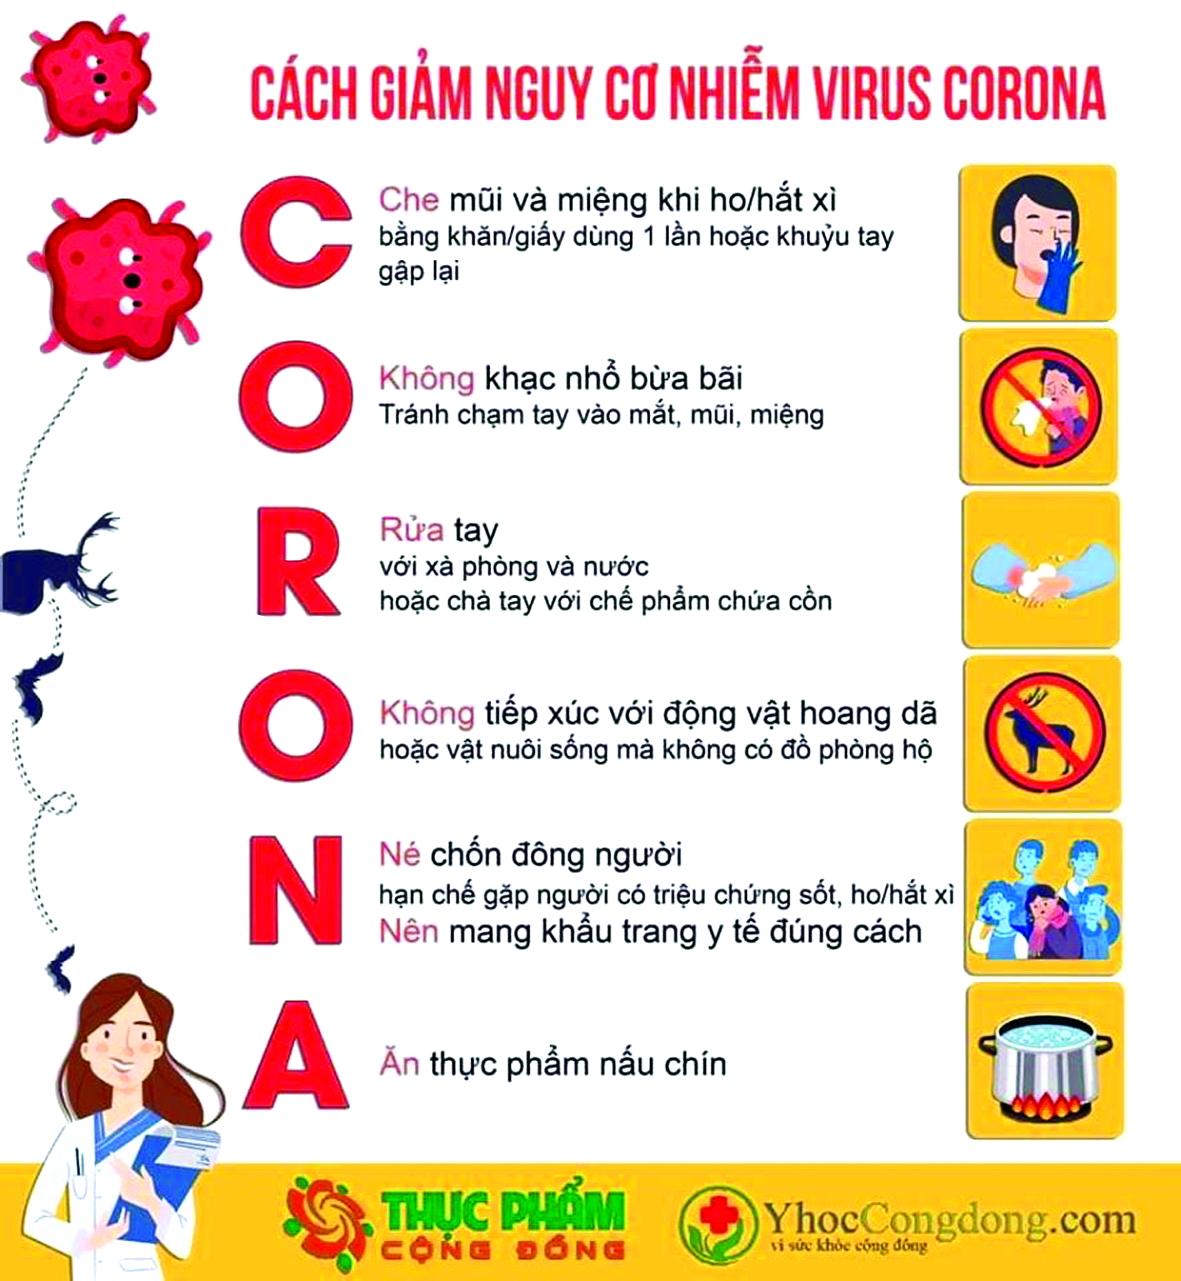 Cách giảm nguy cơ lây nhiễm vi-rút Corona